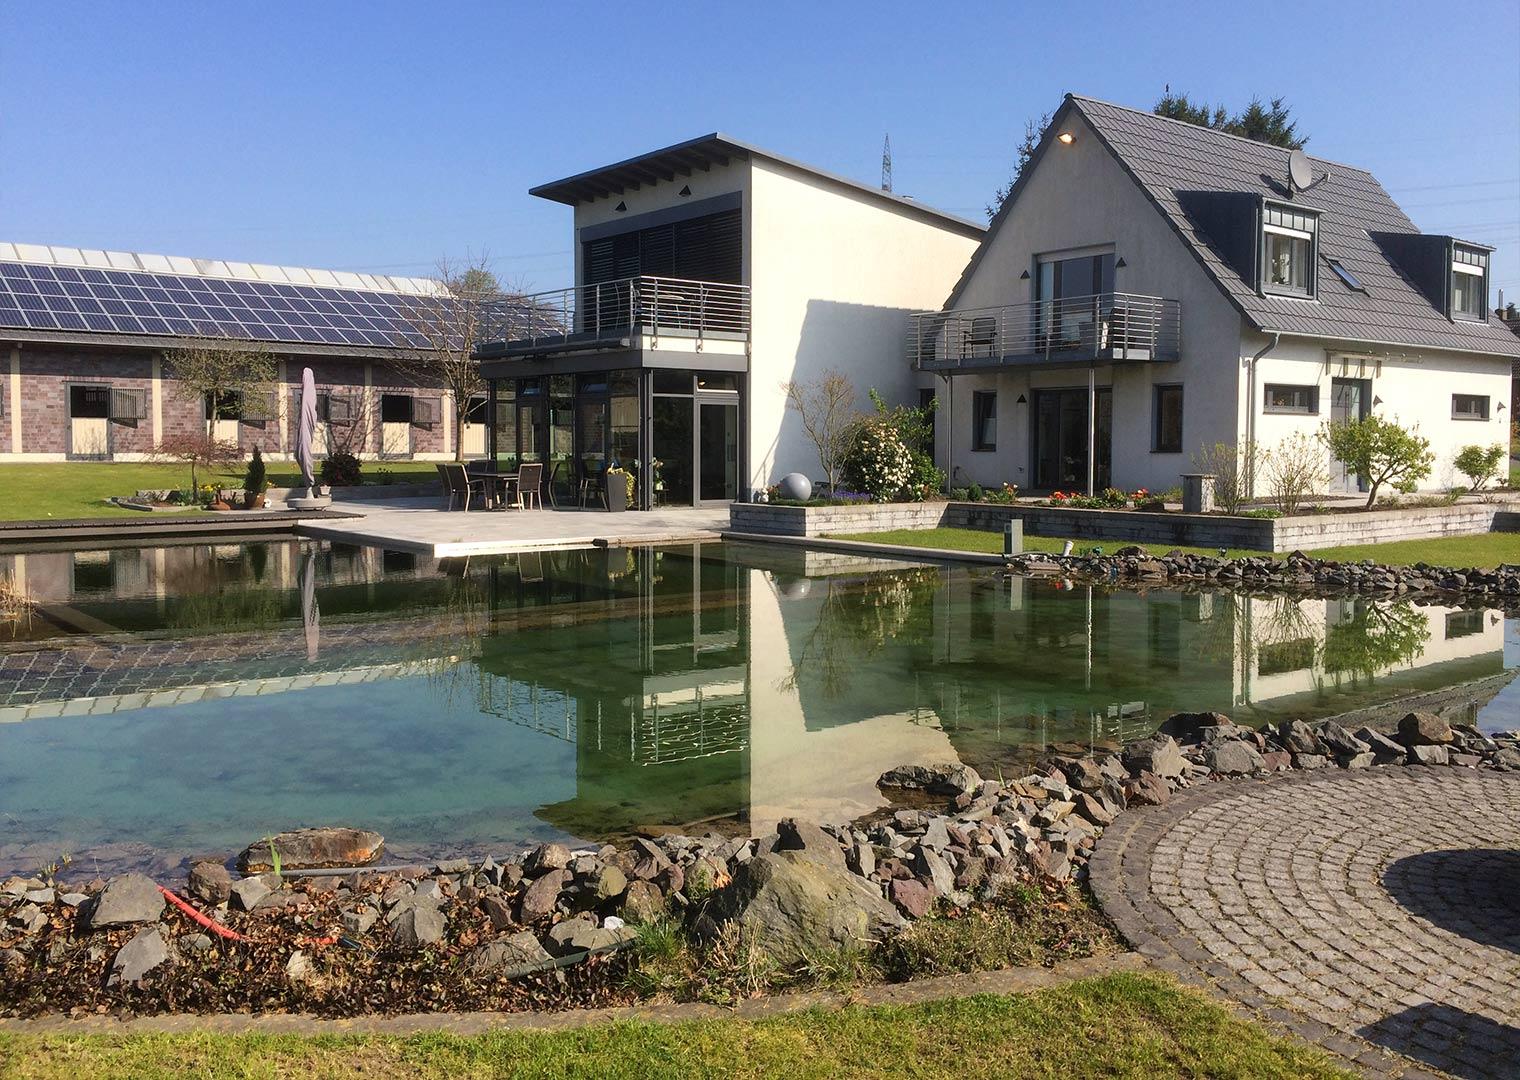 Link zur Bilddatei: menke_galabau_bochum_referenzen_garten_mit_schwimmteich_galeriebild_terrasse